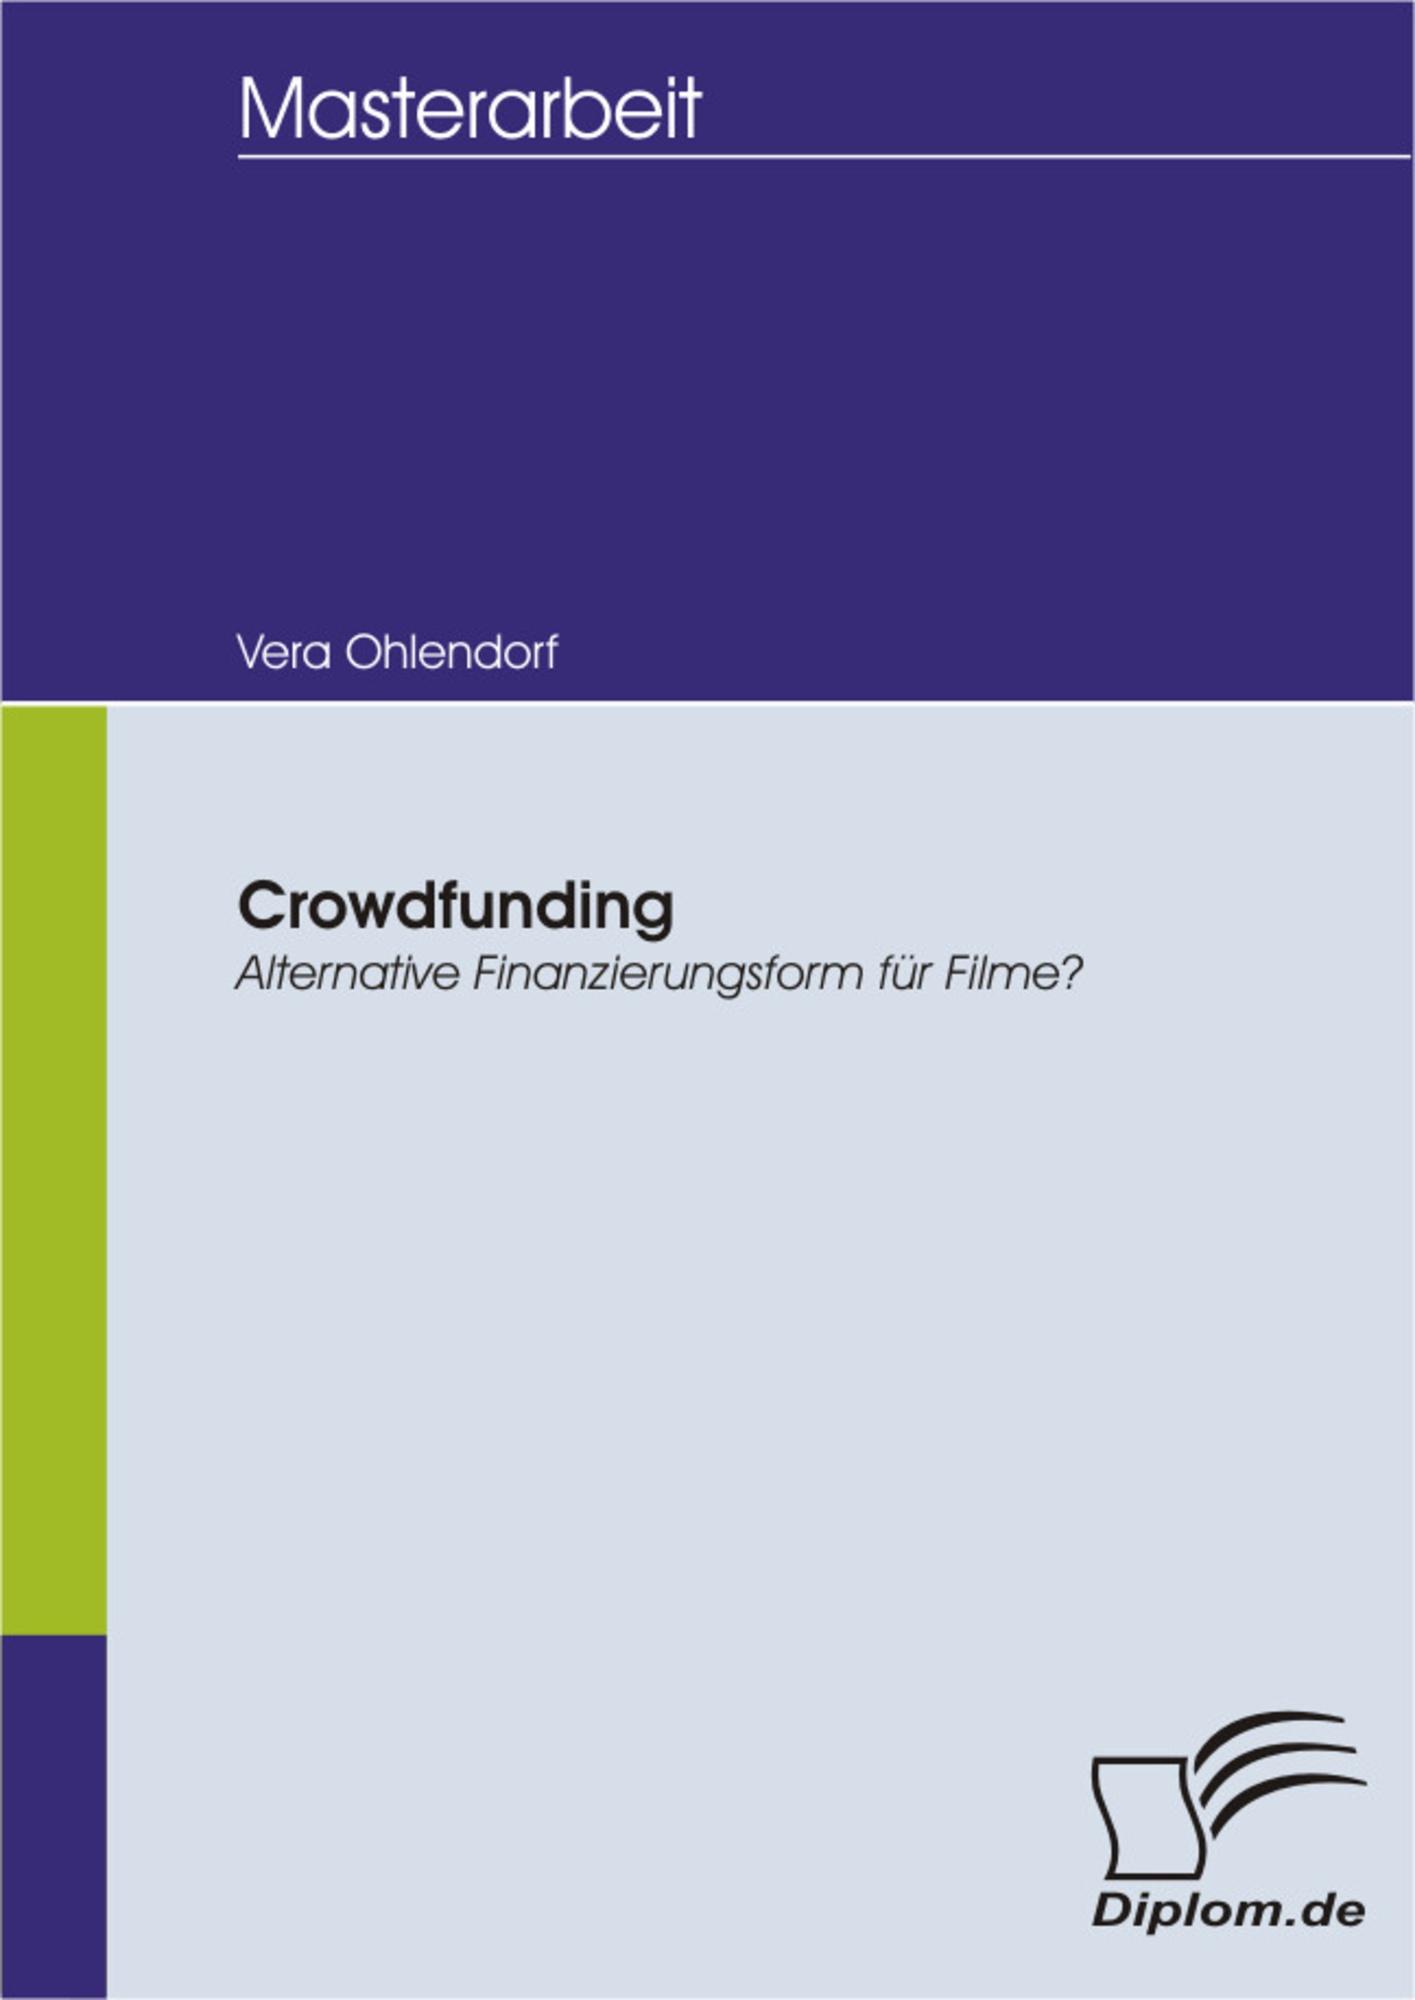 Crowdfunding - Alternative Finanzierungsform für Filme?